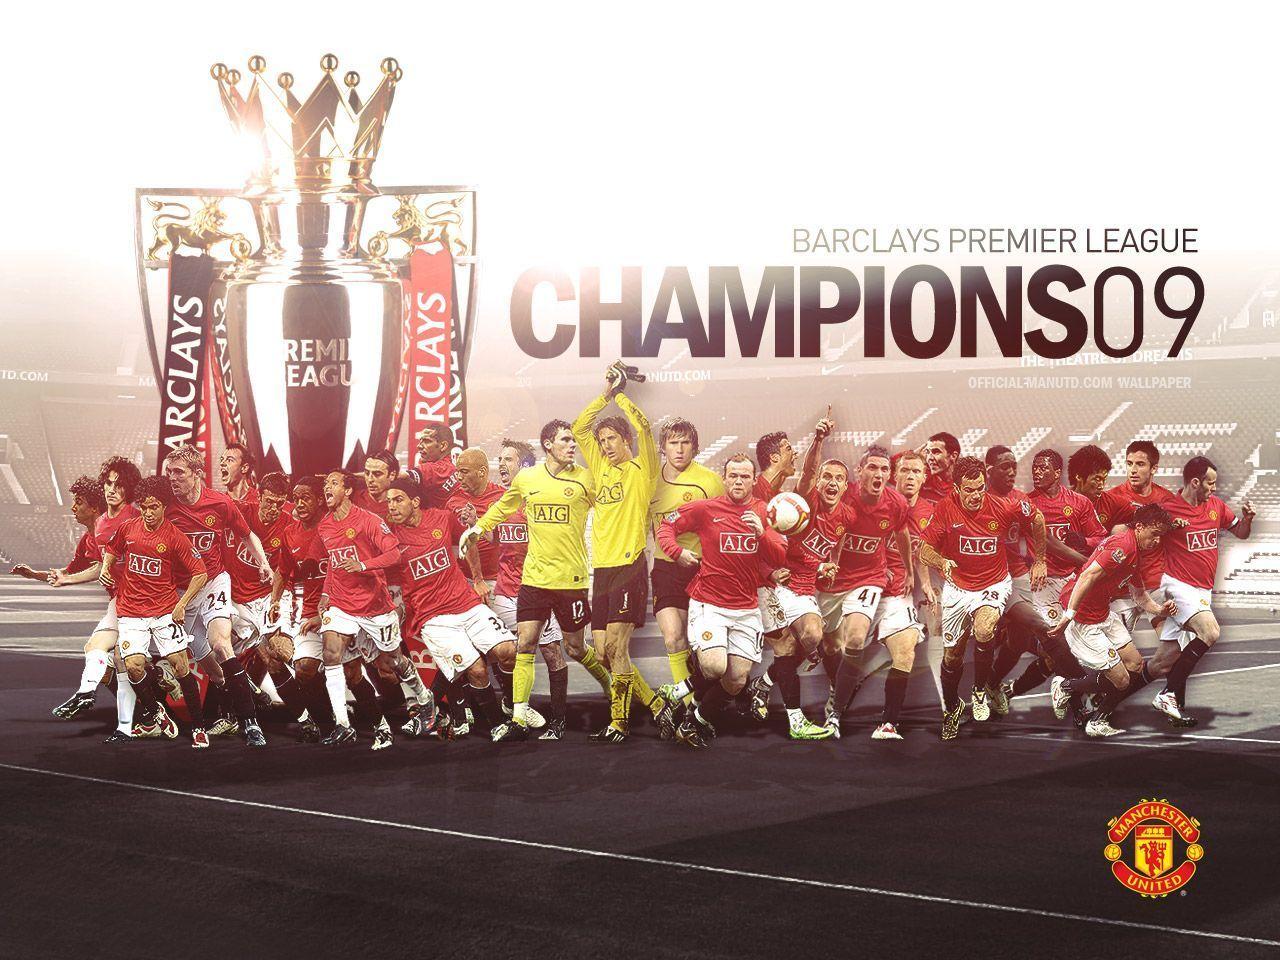 http://4.bp.blogspot.com/-aHAssr2jwQ0/TbpcYY-ATmI/AAAAAAAACeM/yw06zGCZCI0/s1600/Manchester+United+Wallpaper3.jpg